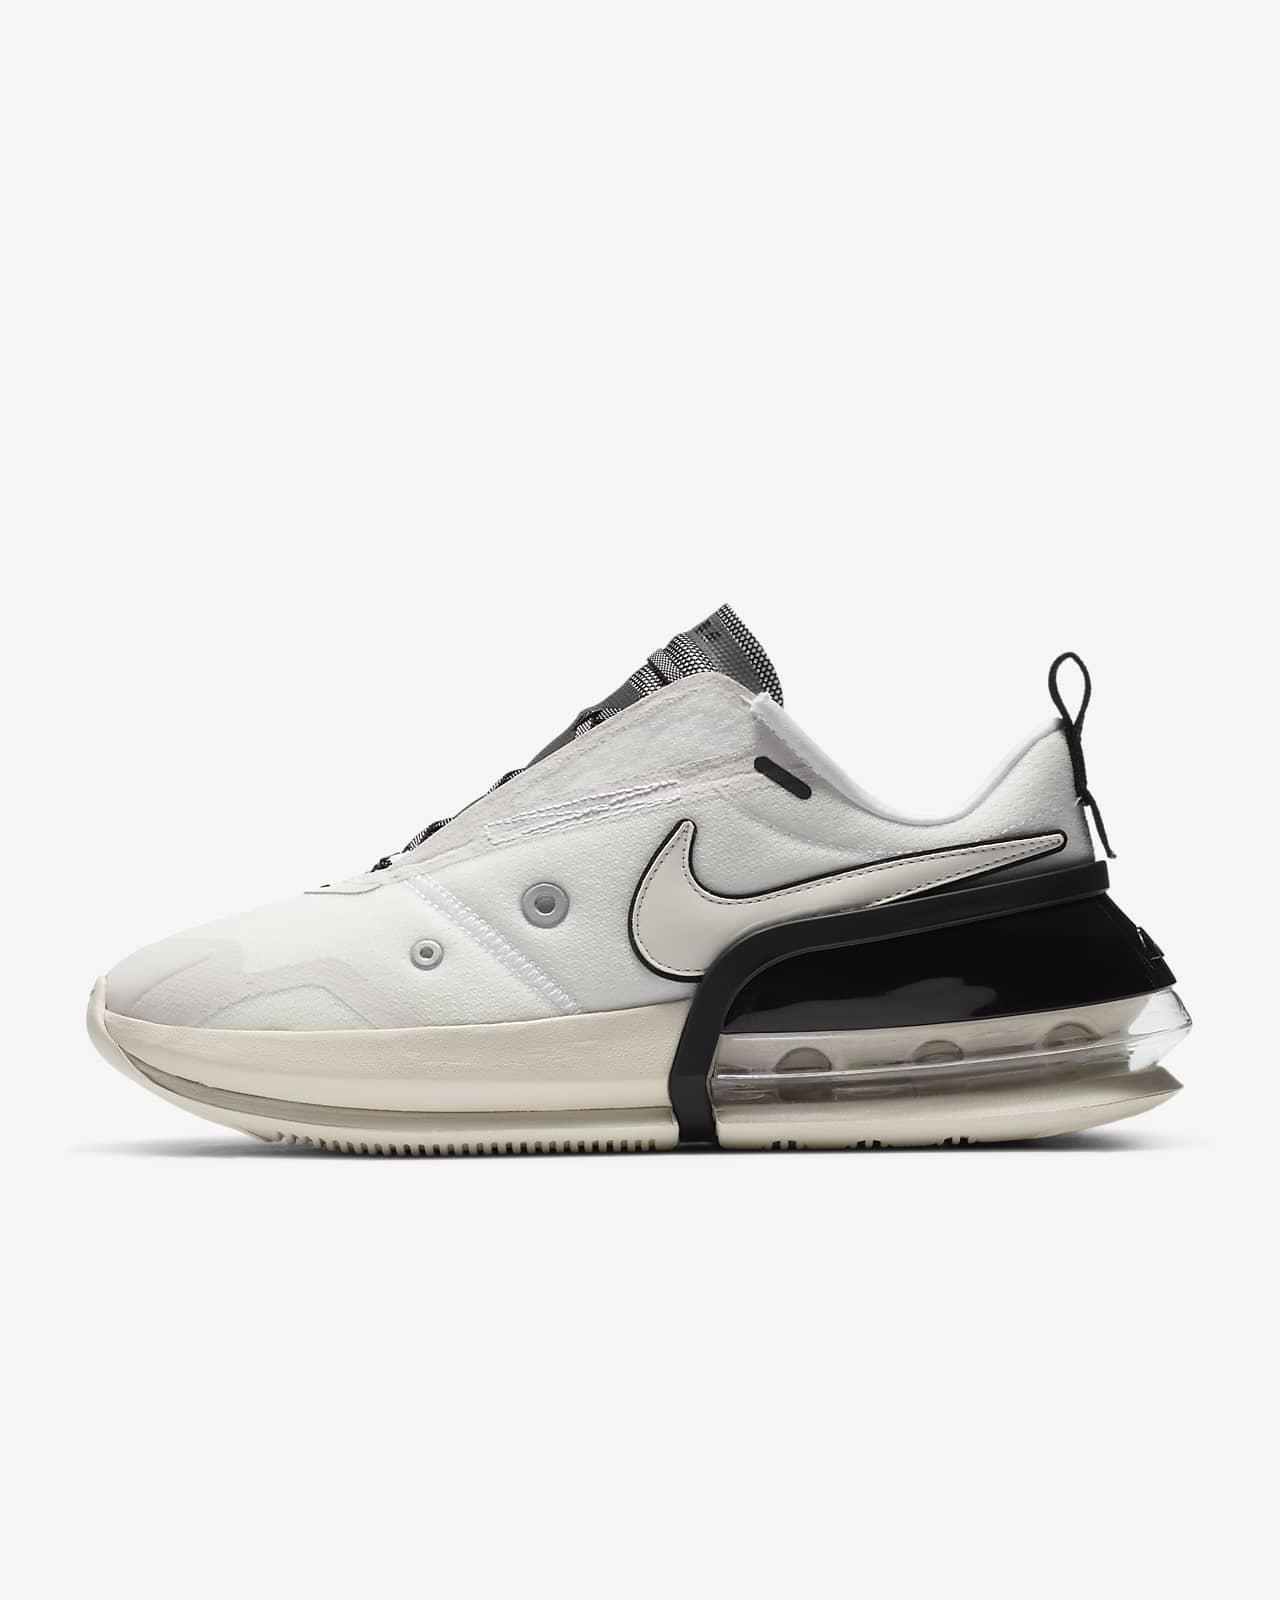 รองเท้าผู้หญิง Nike Air Max Up